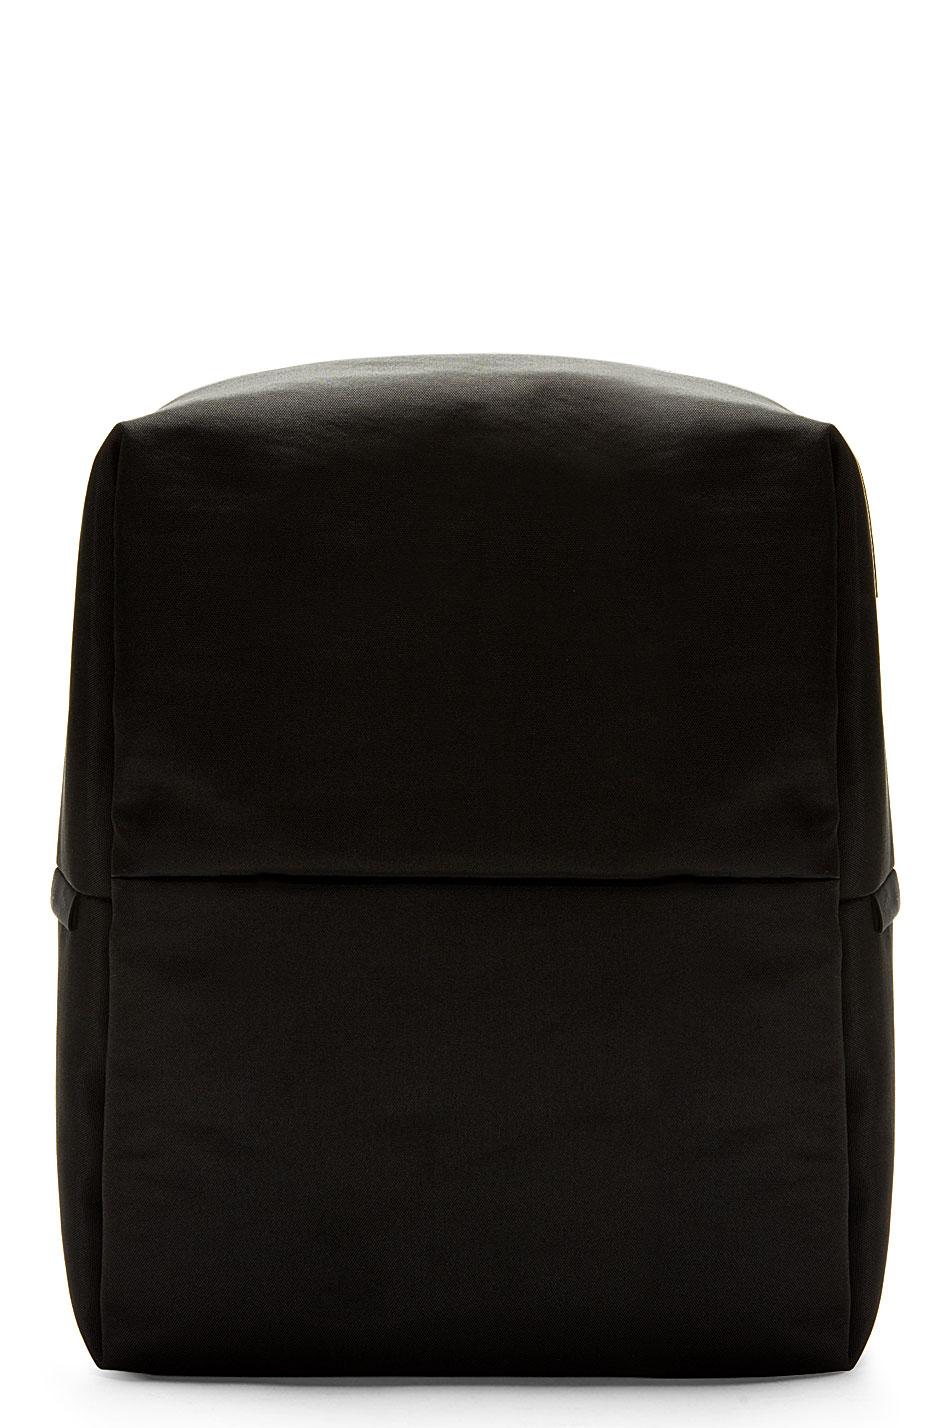 Cte and ciel black rhine new flat backpack